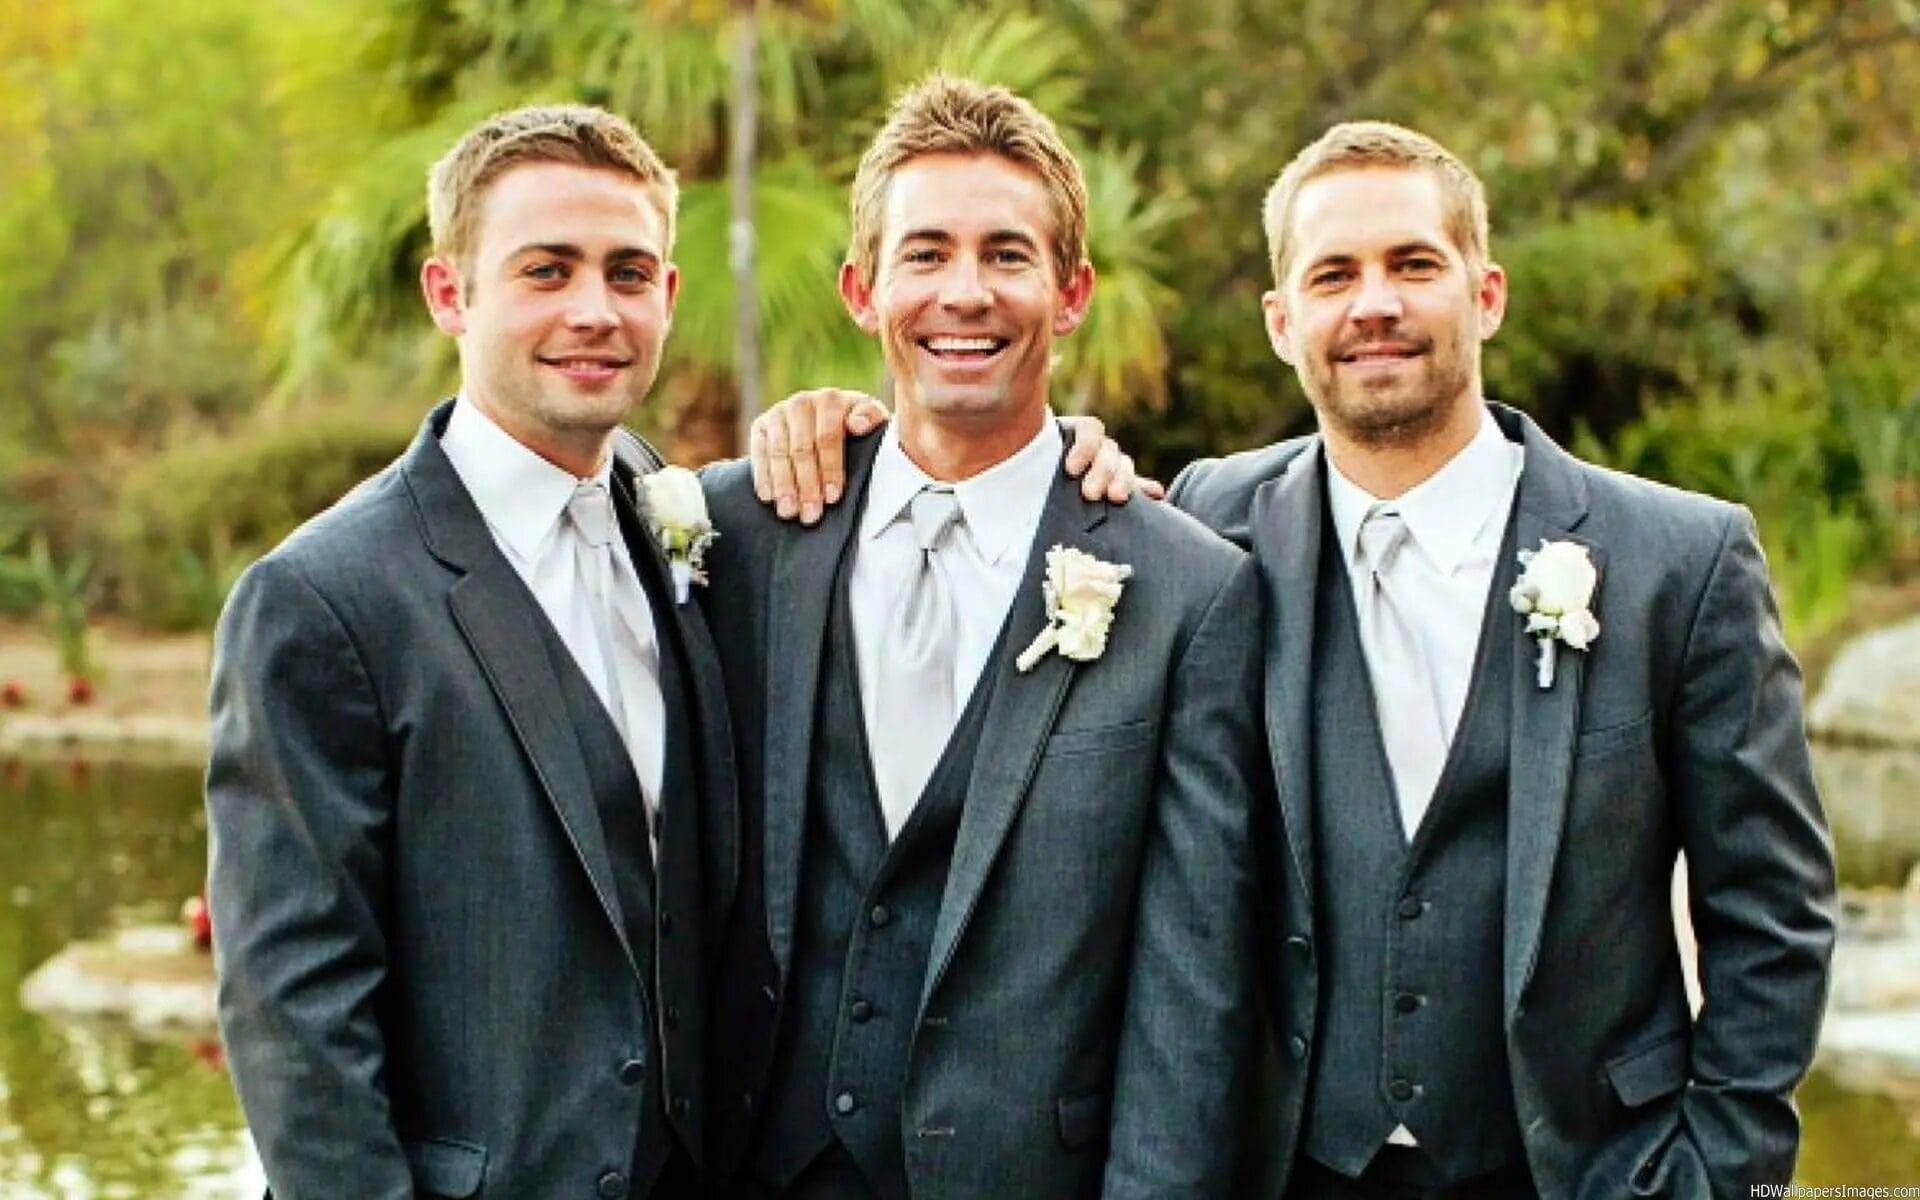 Tenía cuatro hermanos: Caleb y Cody (se parecen mucho) y Ashlie y Amie. Él era el segundo de los hermanos.